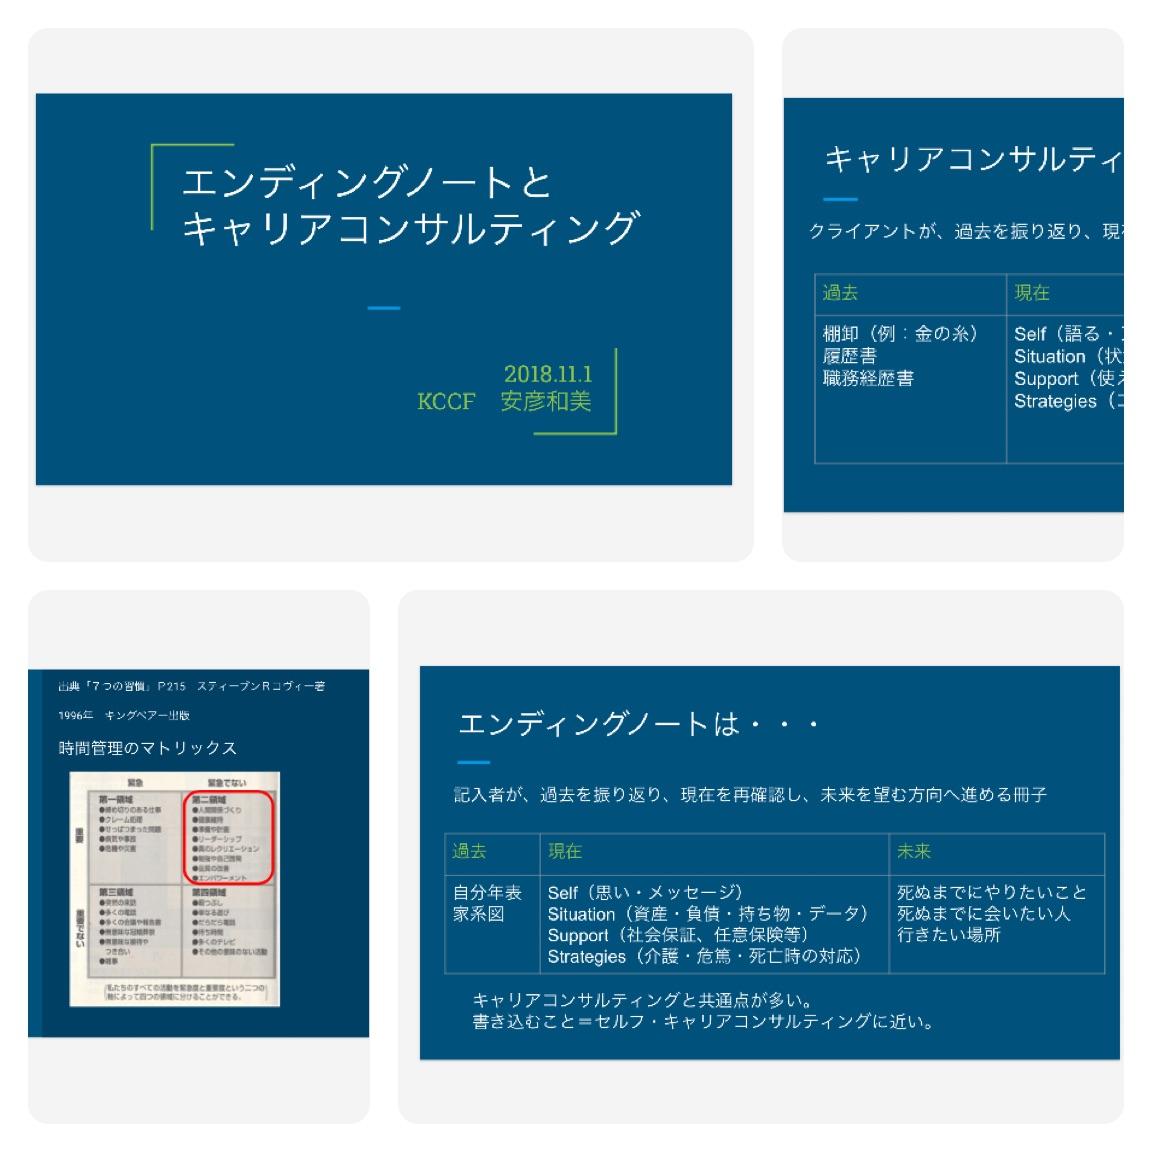 キャリアコンサルタント向け:エンディングノート講座(資料)